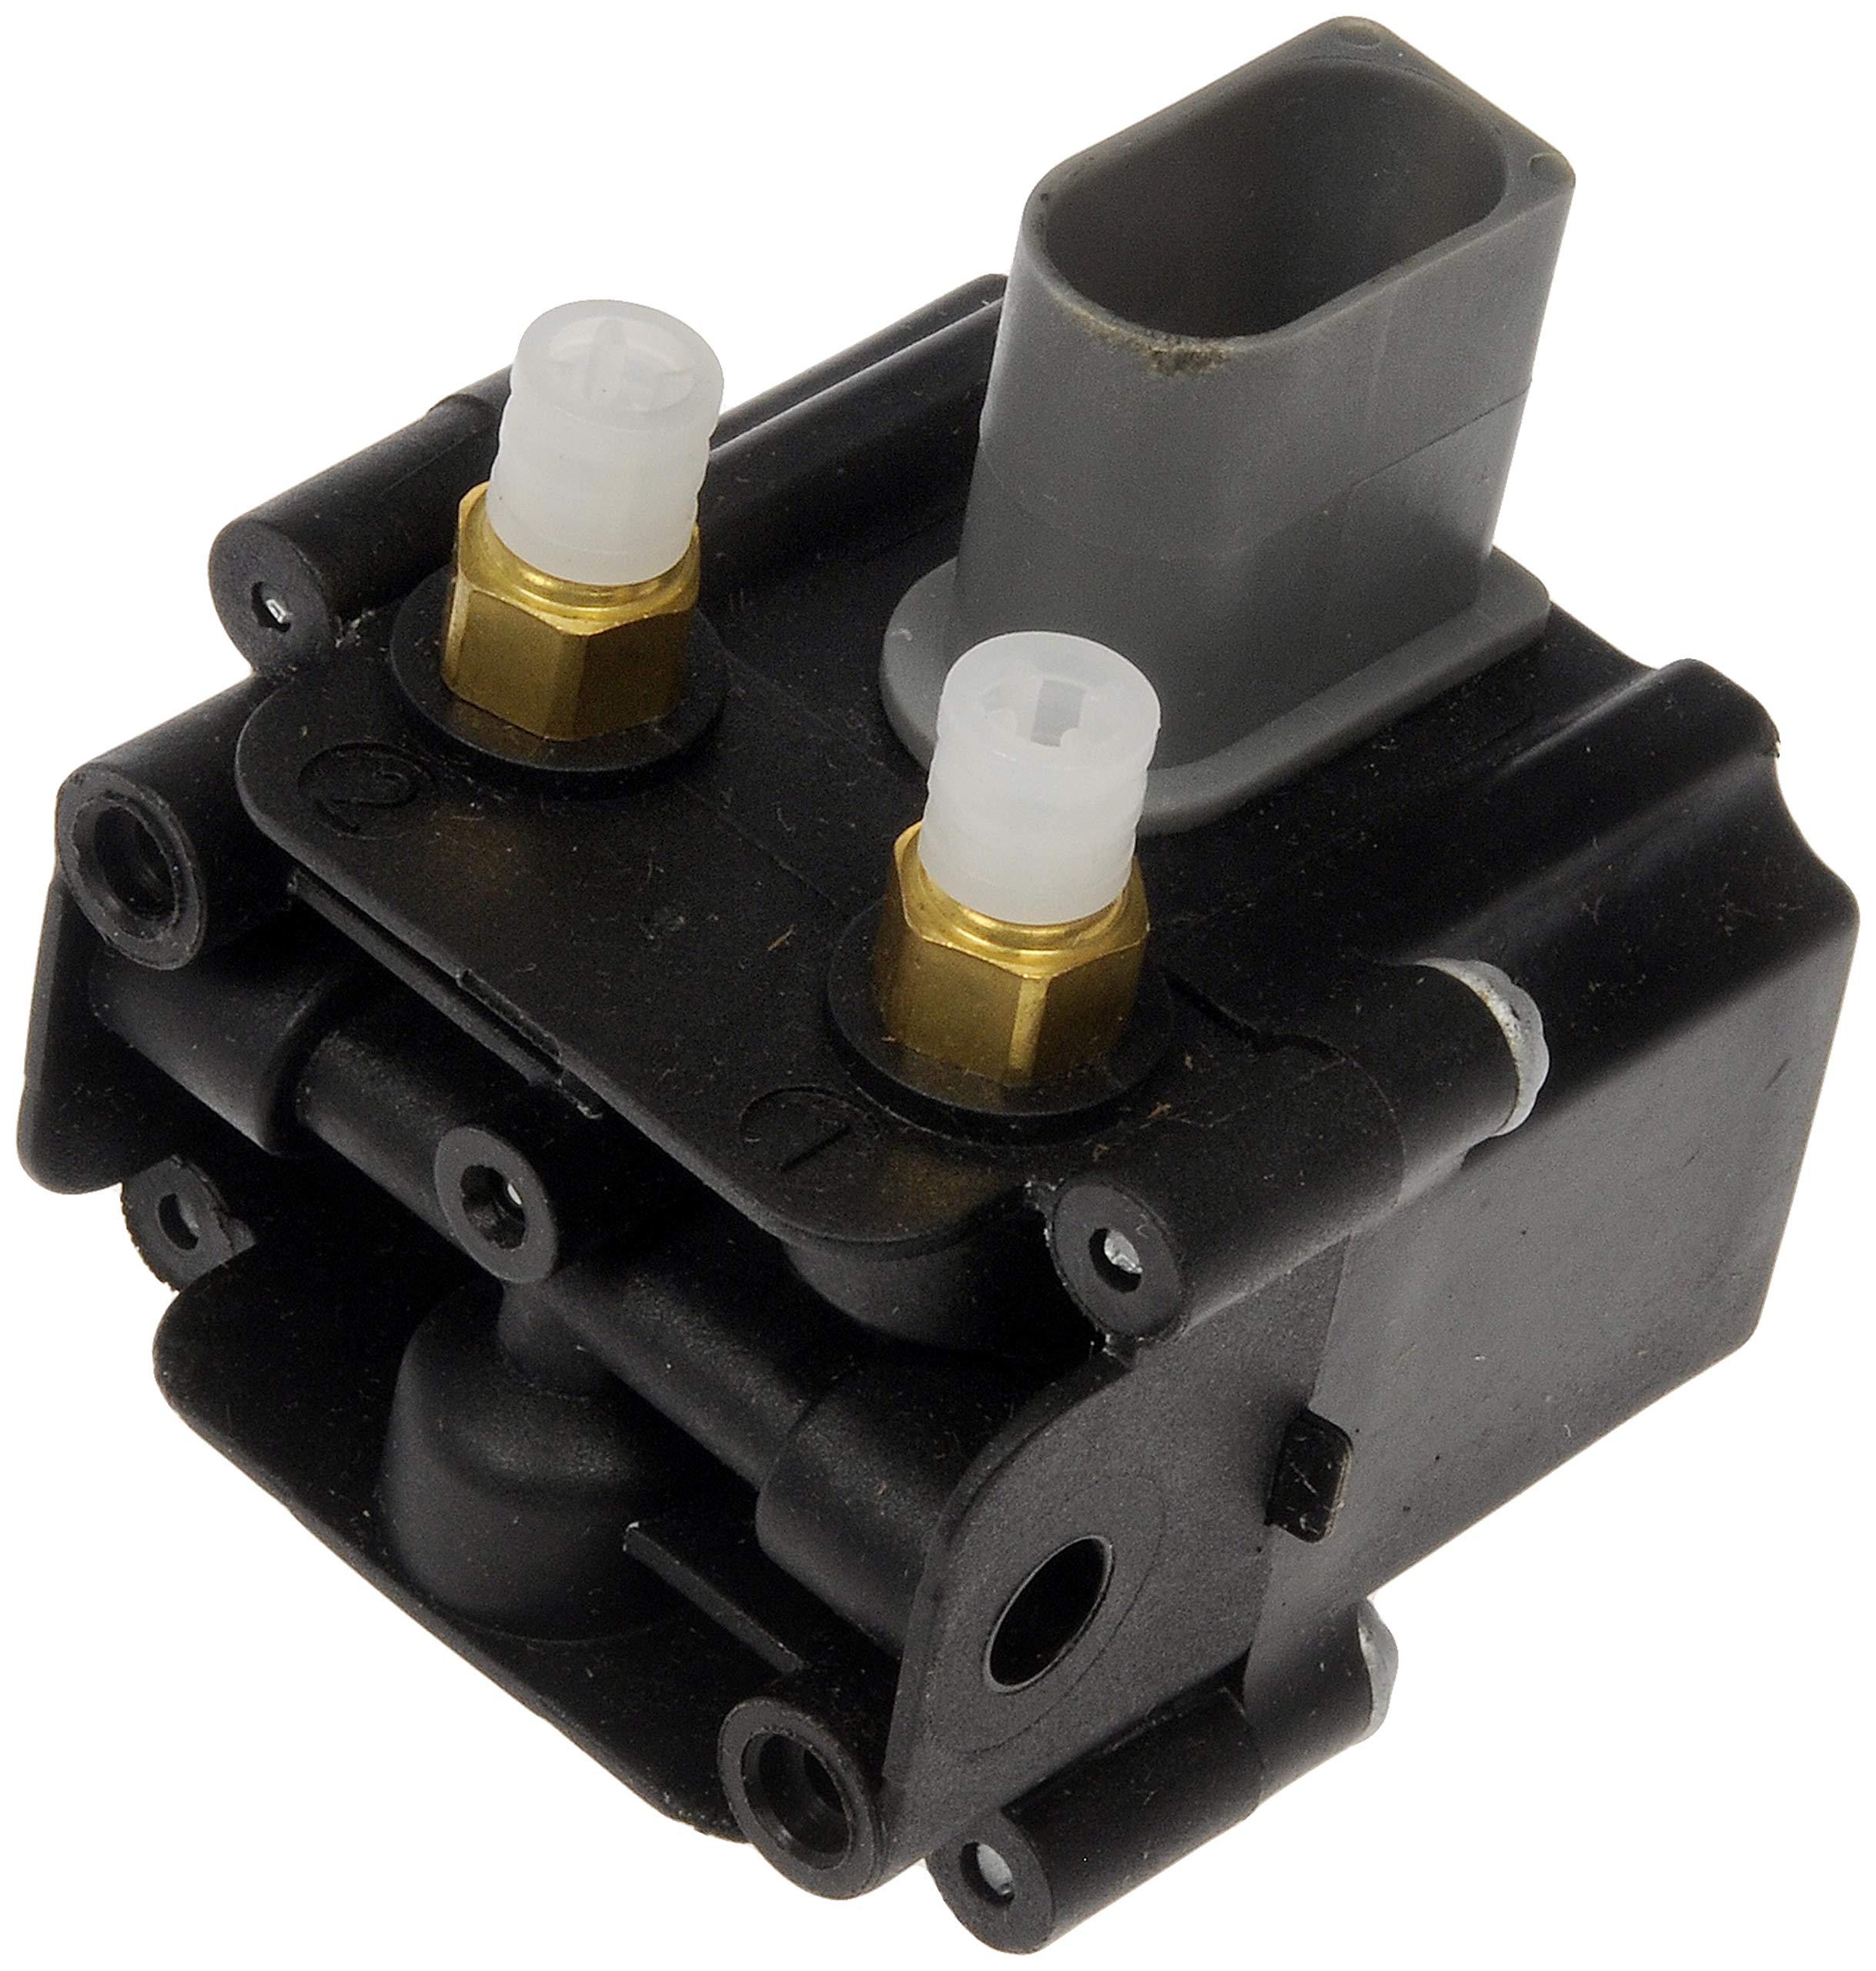 Dorman 949-792 Air Compressor Valve Block for Select BMW Models